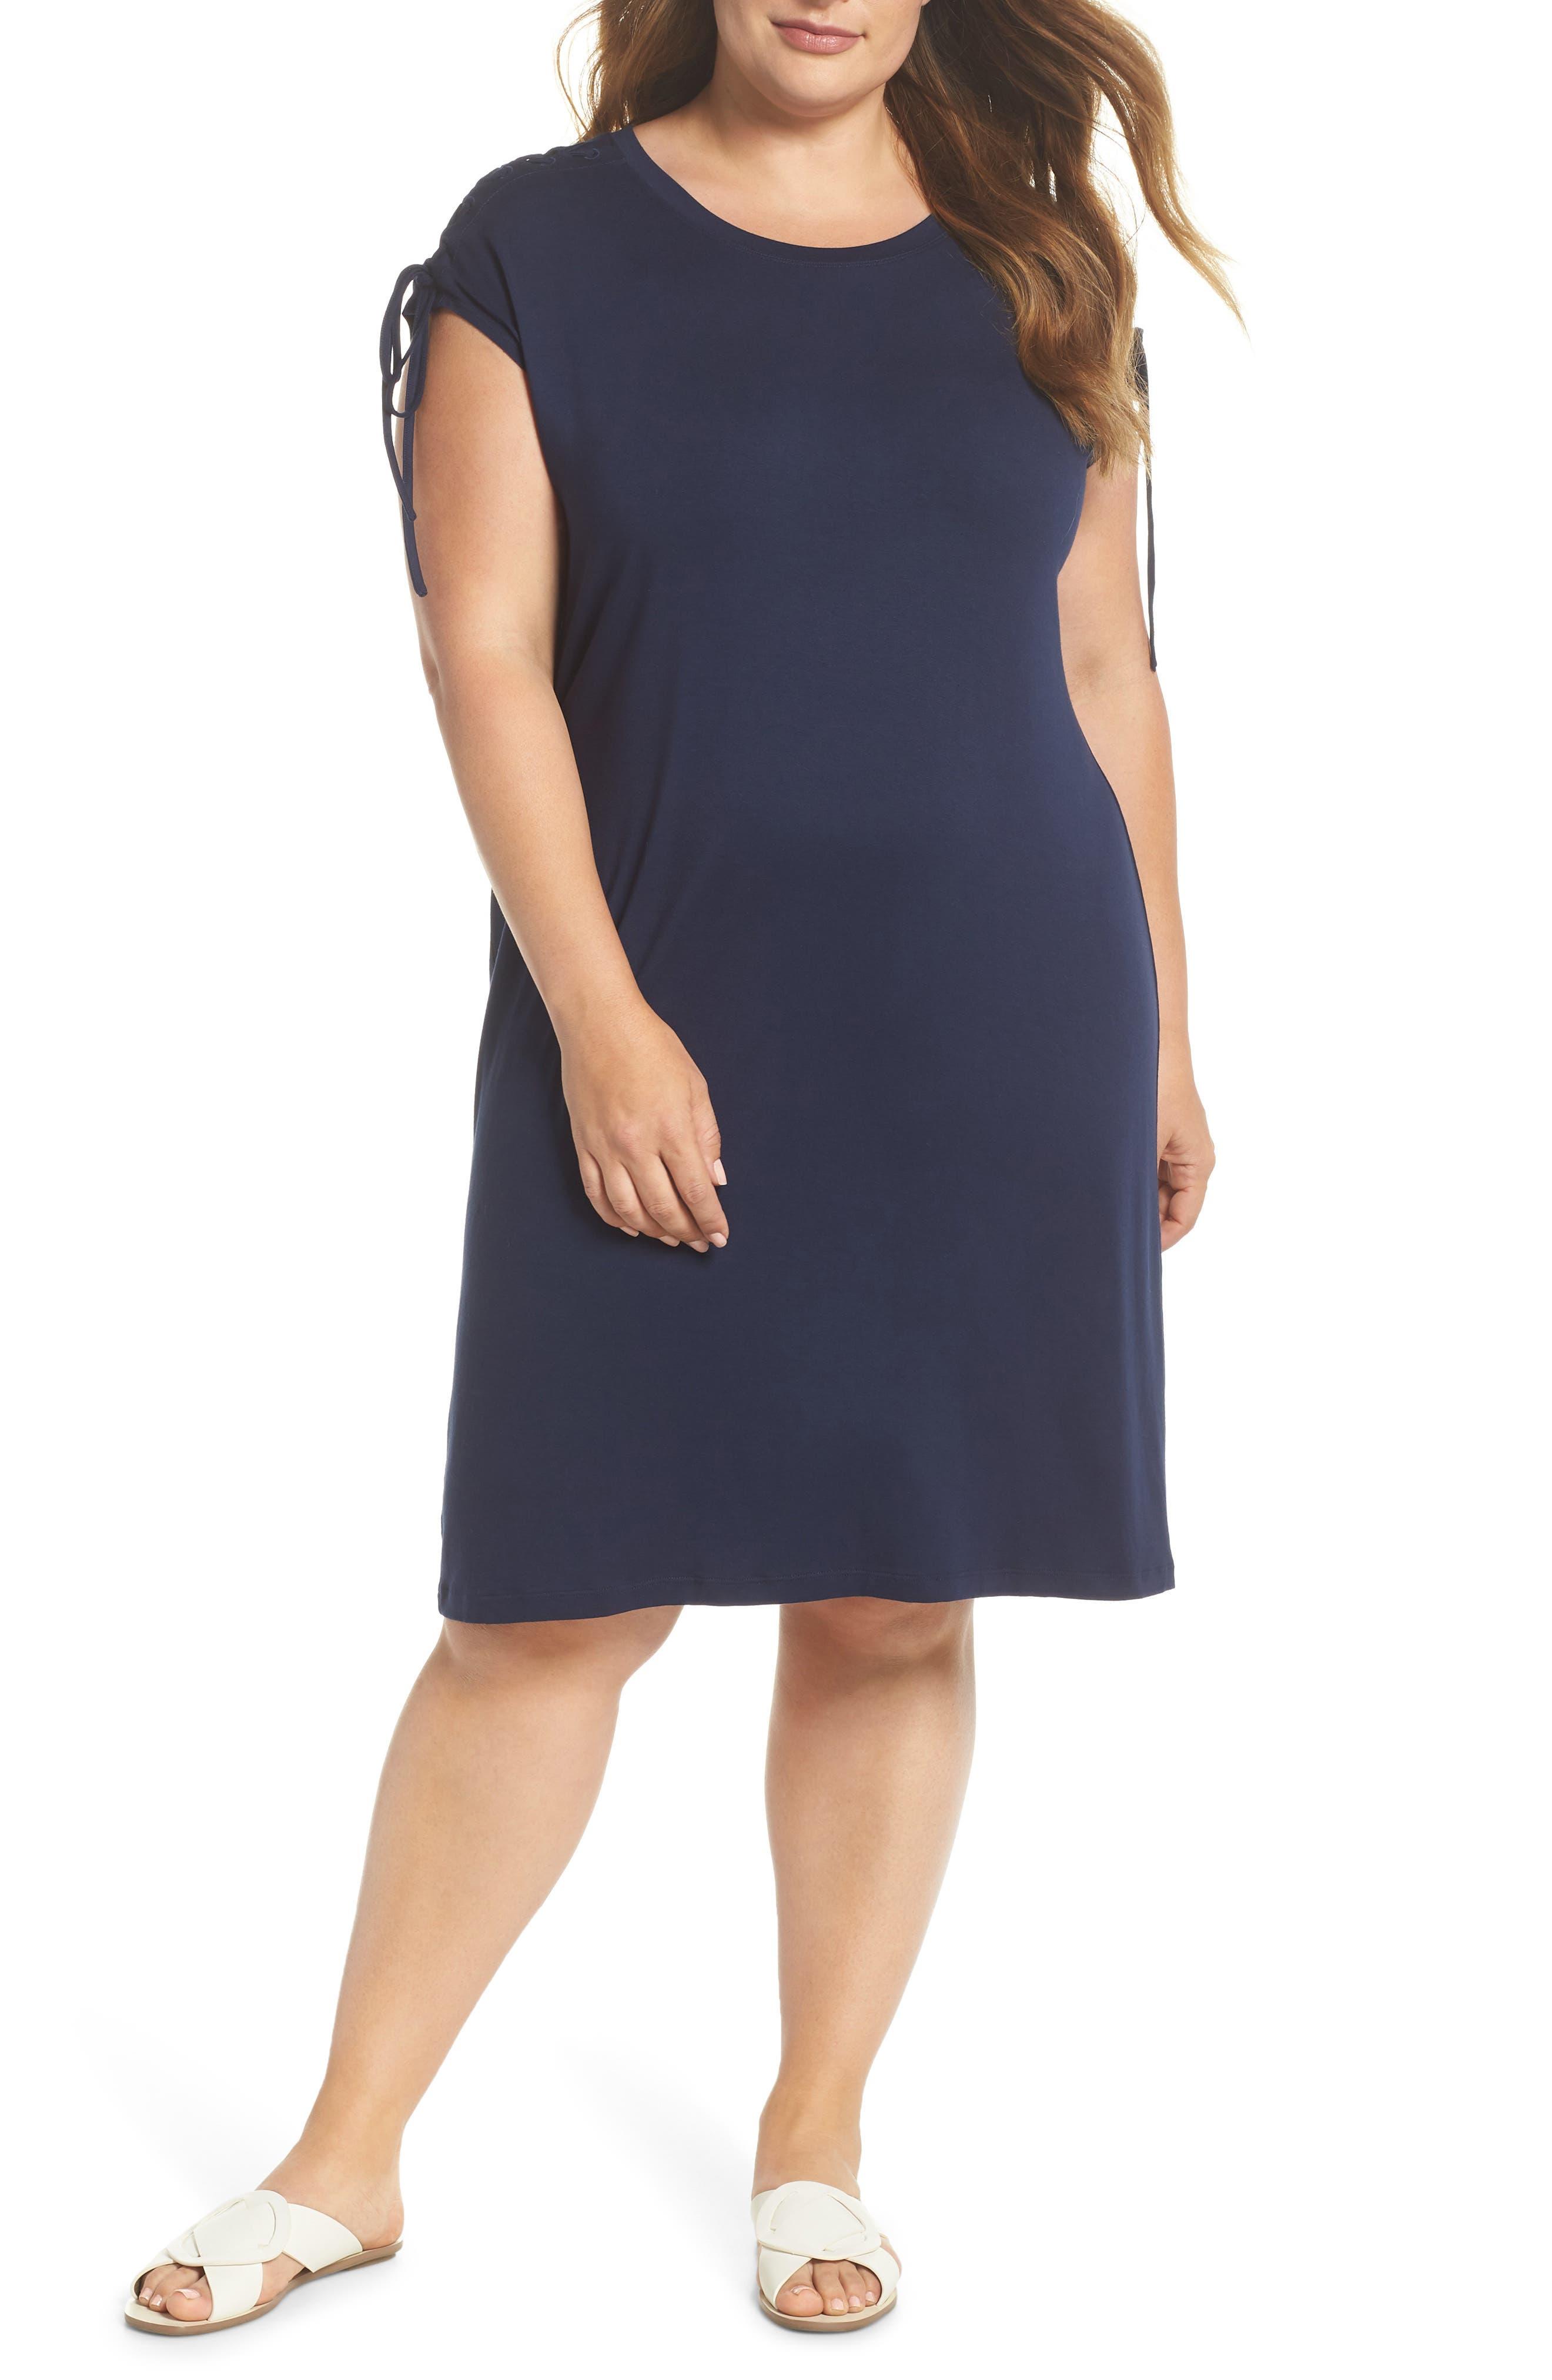 VINCE CAMUTO,                             Lace-Up Shoulder T-Shirt Dress,                             Main thumbnail 1, color,                             461